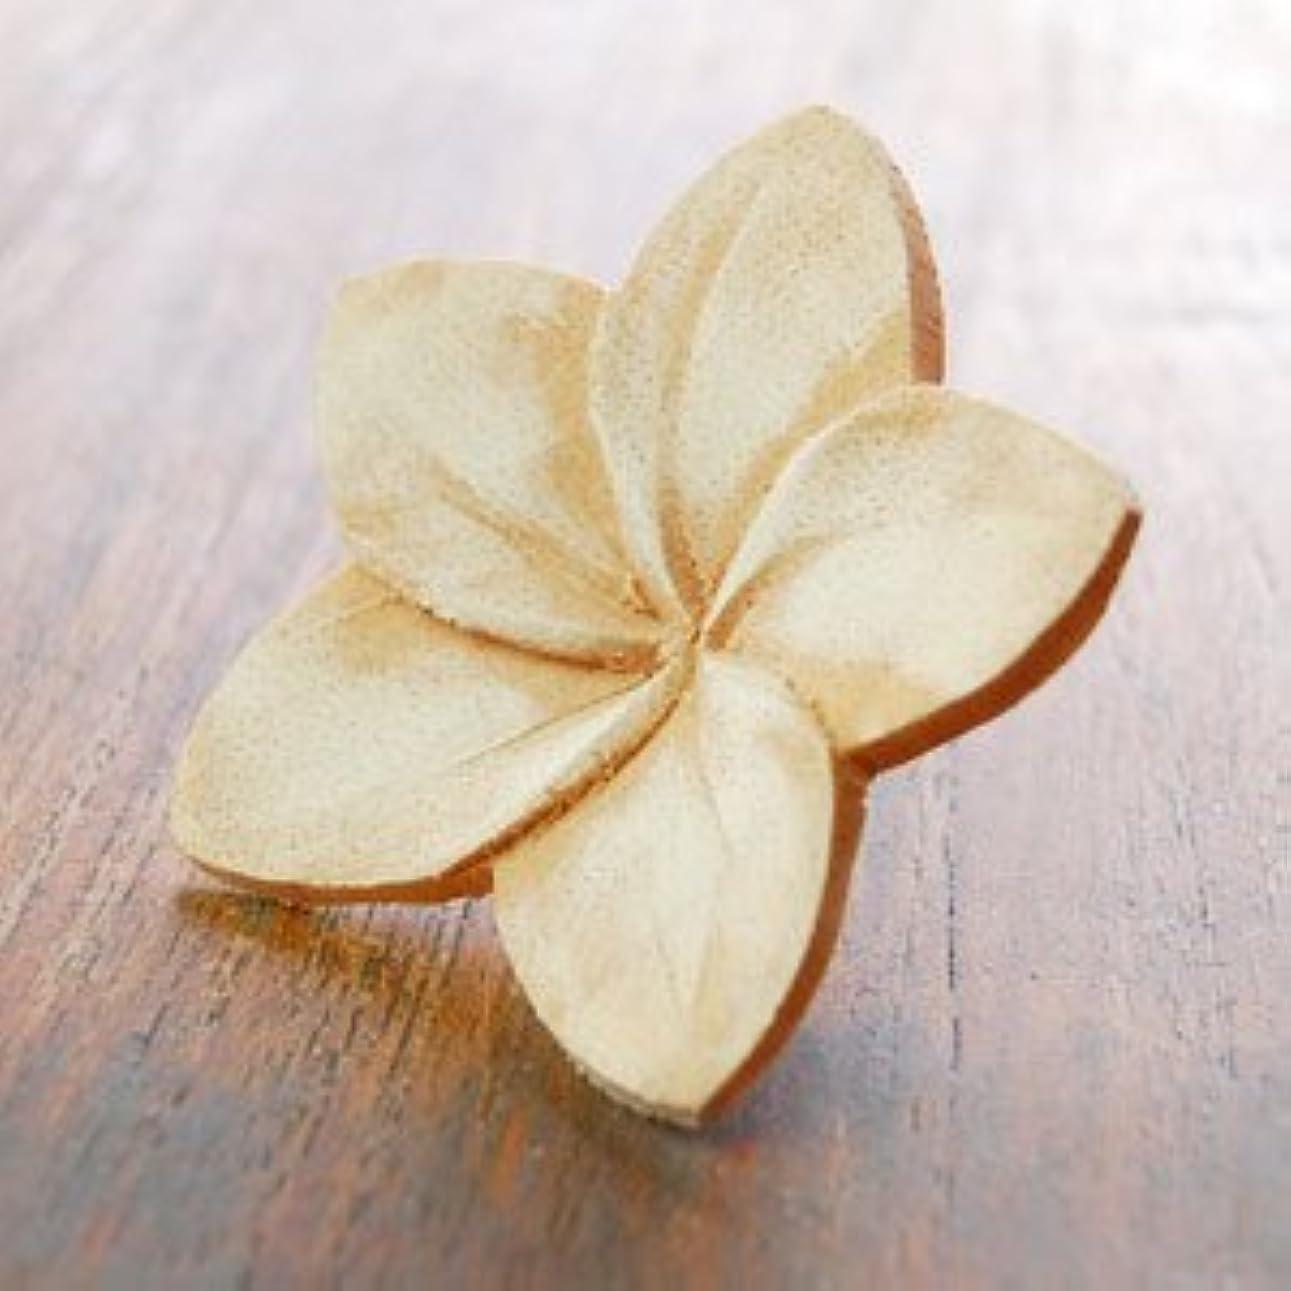 無効相談するドキュメンタリー【アジア工房】プルメリアの花びらをモチーフにした木製アロマフラワー[Bタイプ][10892] [並行輸入品]